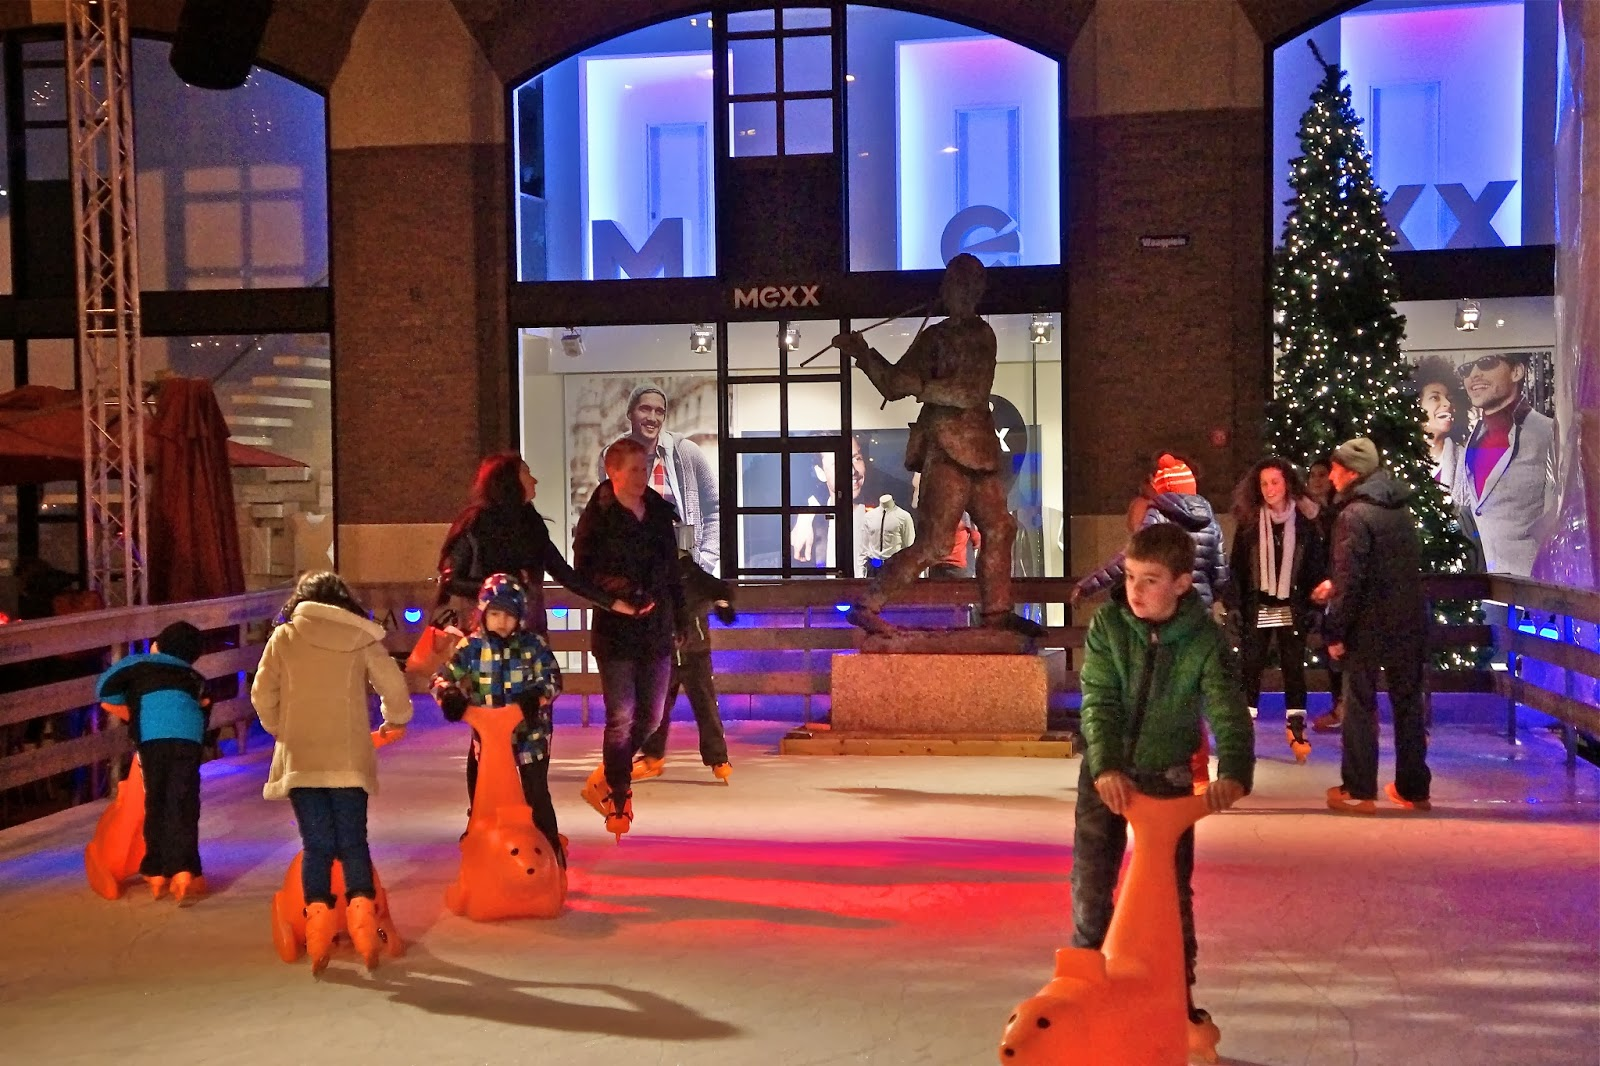 Groningen Weihnachtsmarkt.Kerst In De Straten En Pleinen Van Groningen Photoblog On